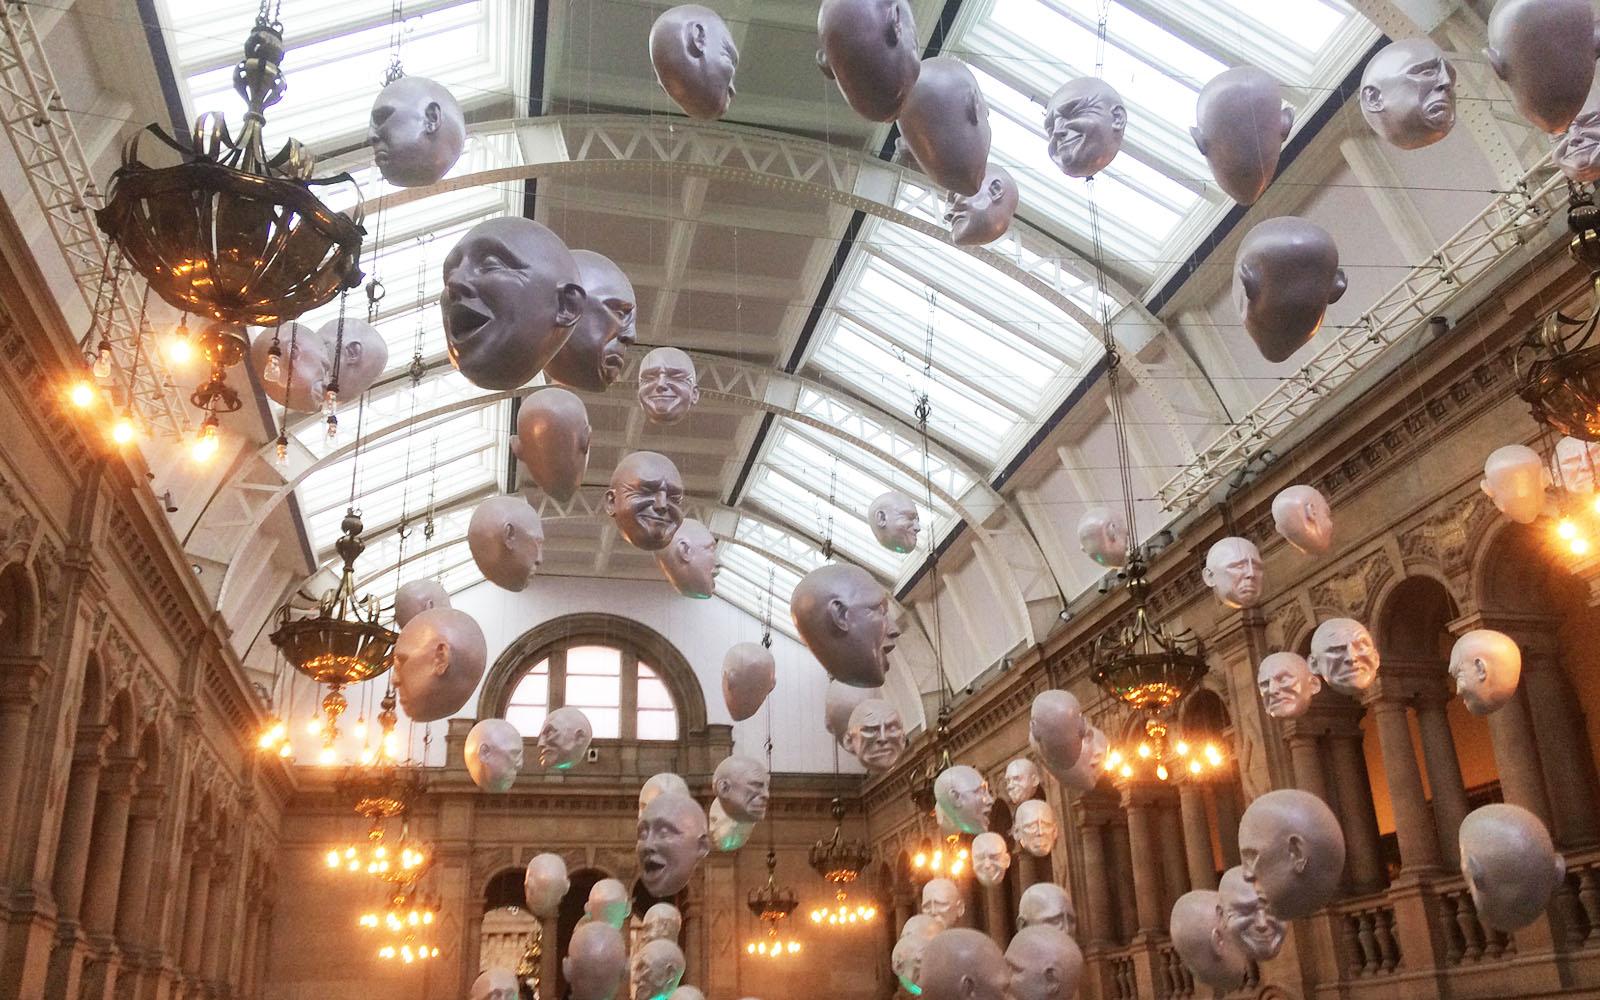 Una delle sale del museo Kelvingrove, a Glasgow.